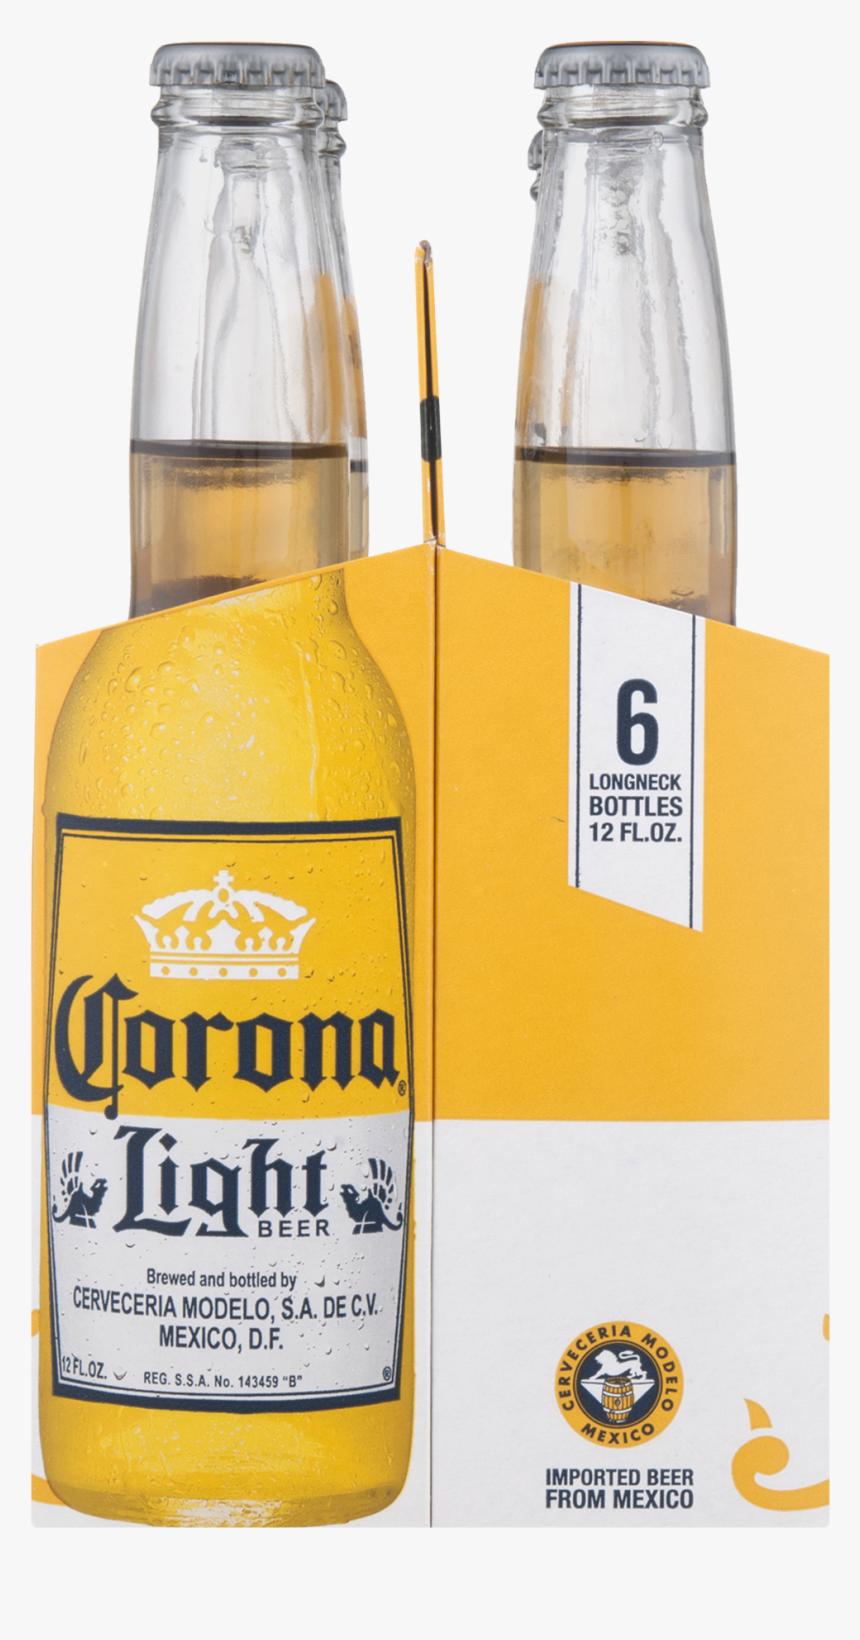 Transparent Beer Bottles Png - Corona Light, Png Download, Free Download